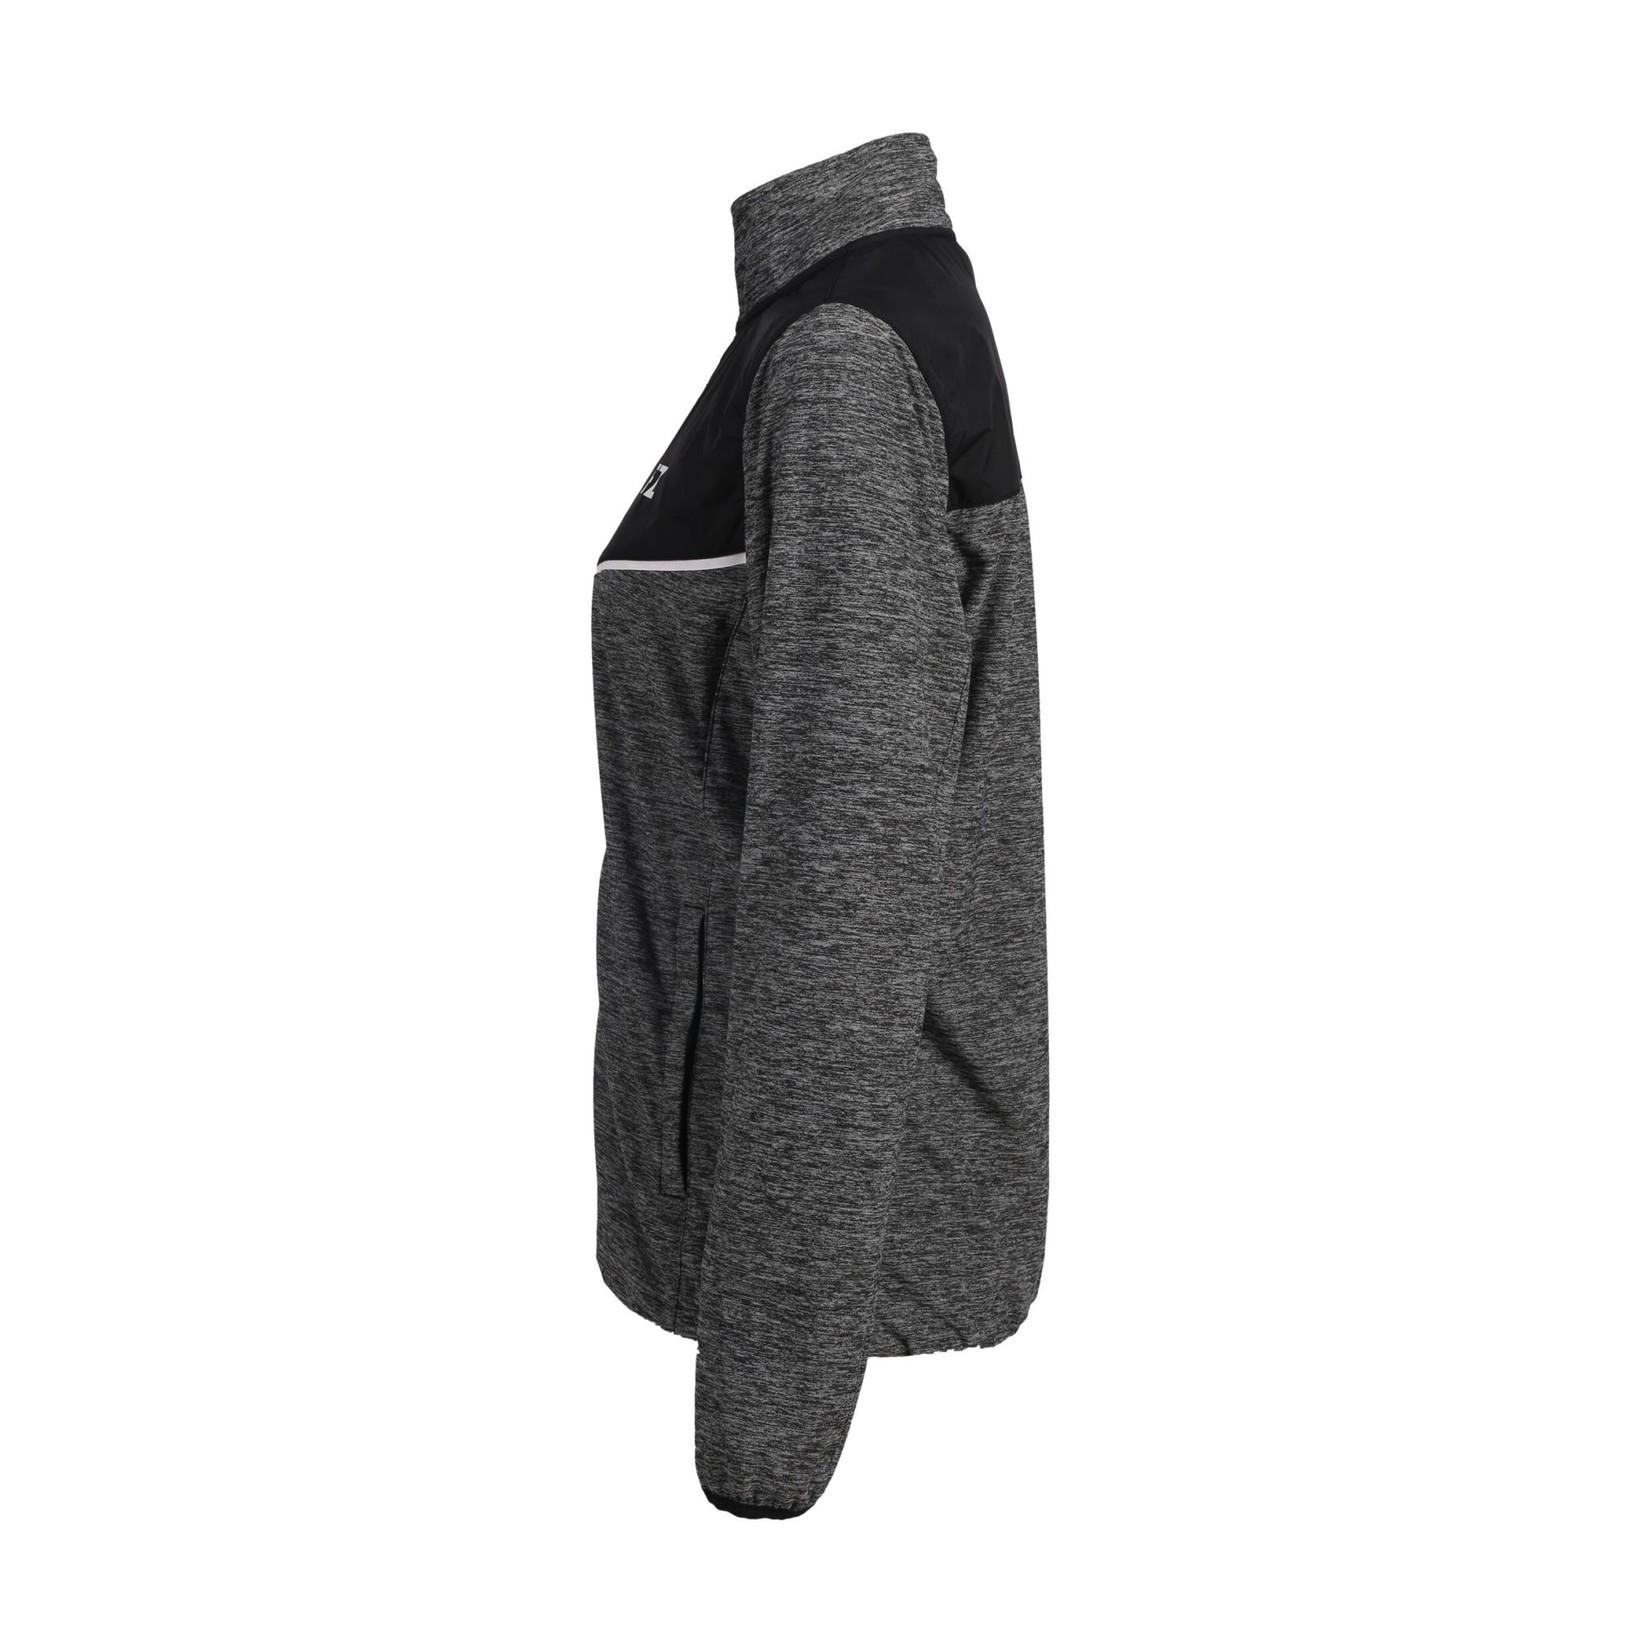 FZ Forza FZ Forza Haze jacket